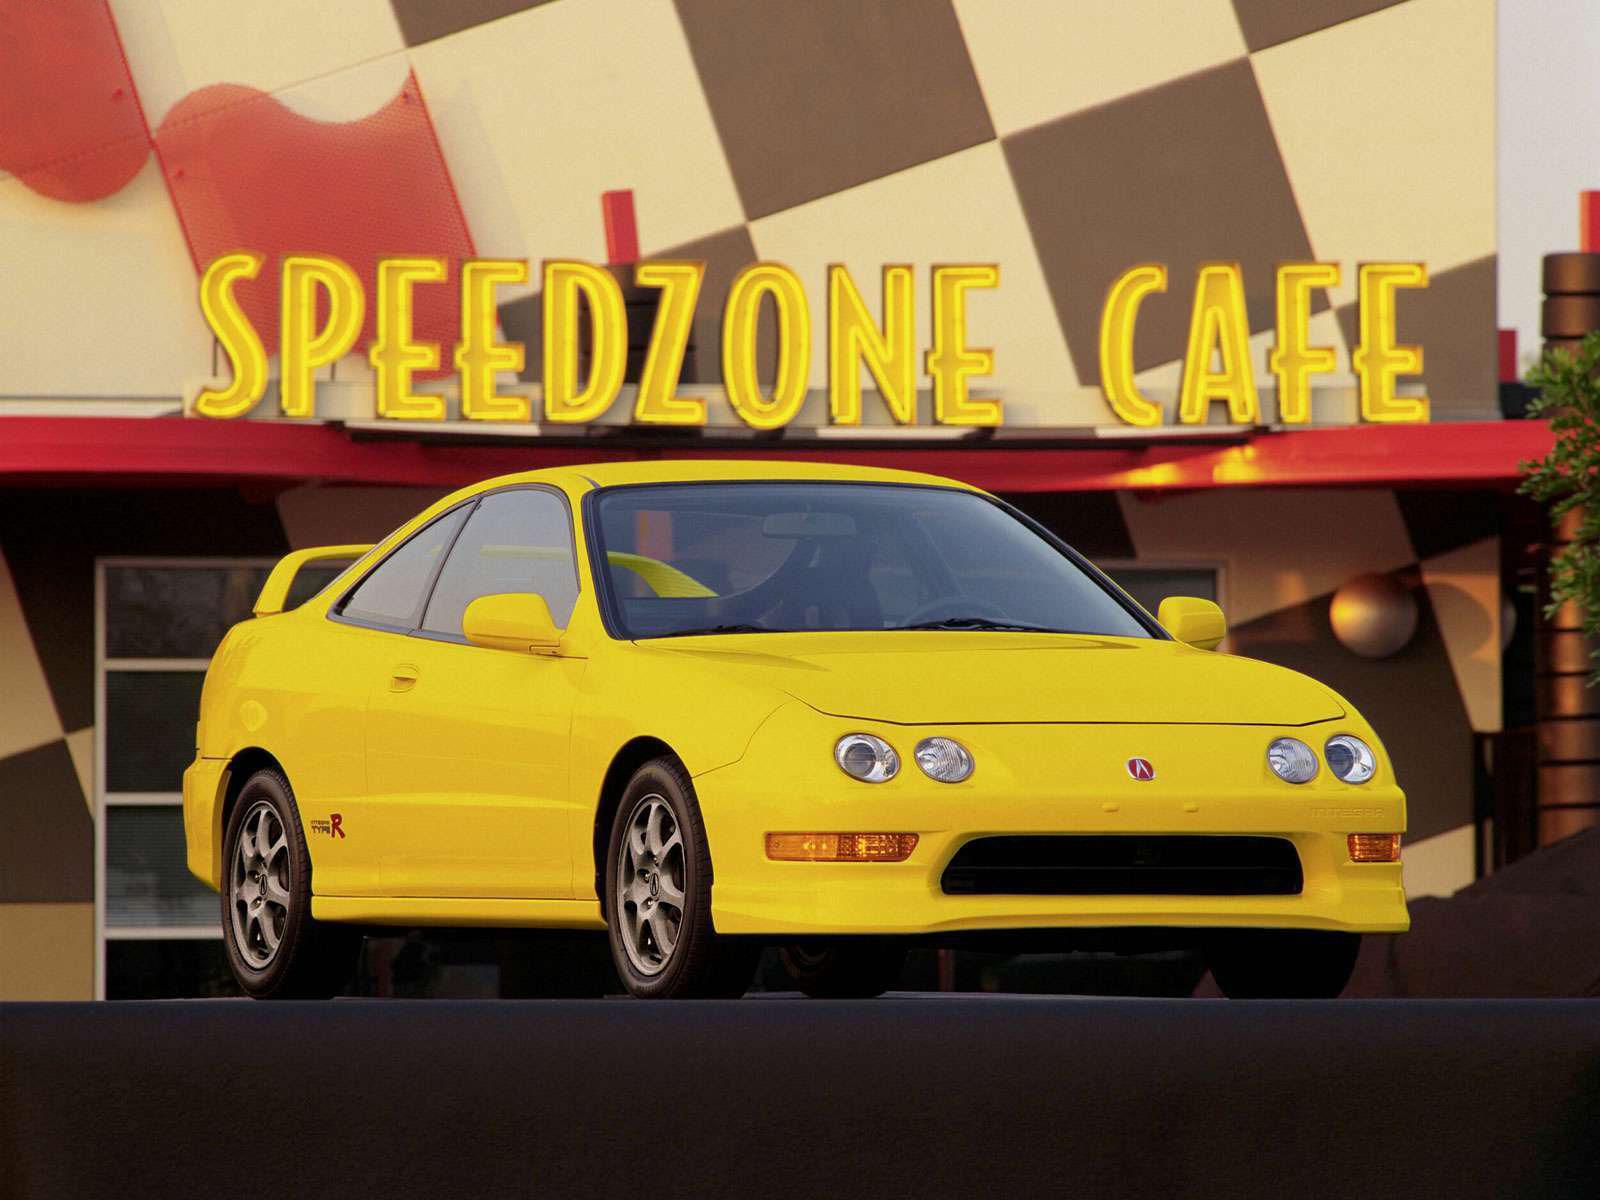 https://1.bp.blogspot.com/-8p7EP8cj6Dk/Th-Ahz4FAxI/AAAAAAAAAME/QeHn_0tpzMU/s1600/Acura-Integra_japanese-car-wallpapers_2001-2.jpg